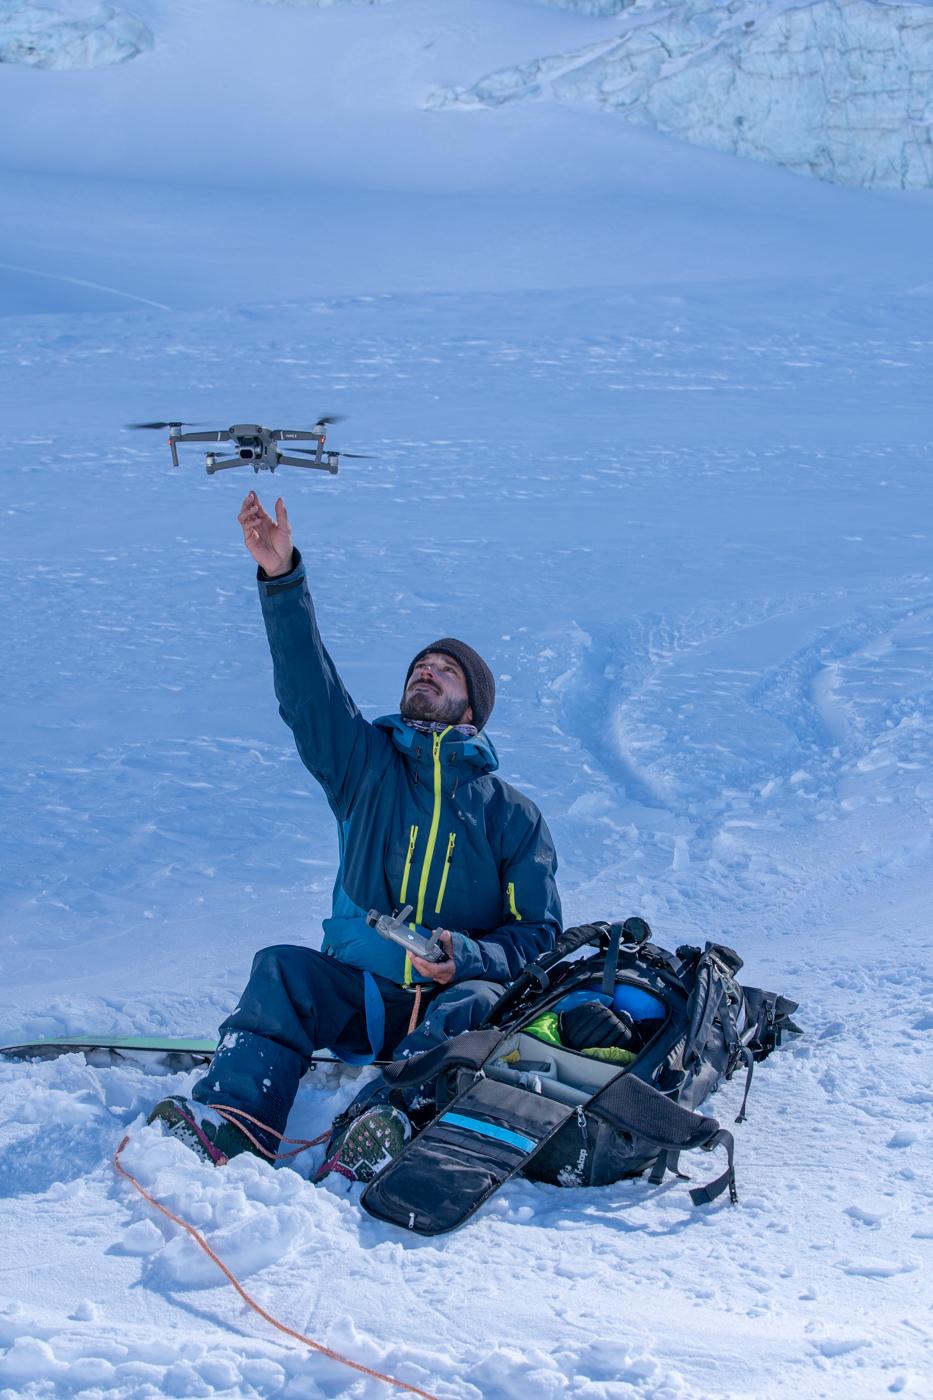 prises-de-vues-aeriennes-drone-pays-basque-anglet-mringalss-films-pierre-frechou-montagnes-outdoor